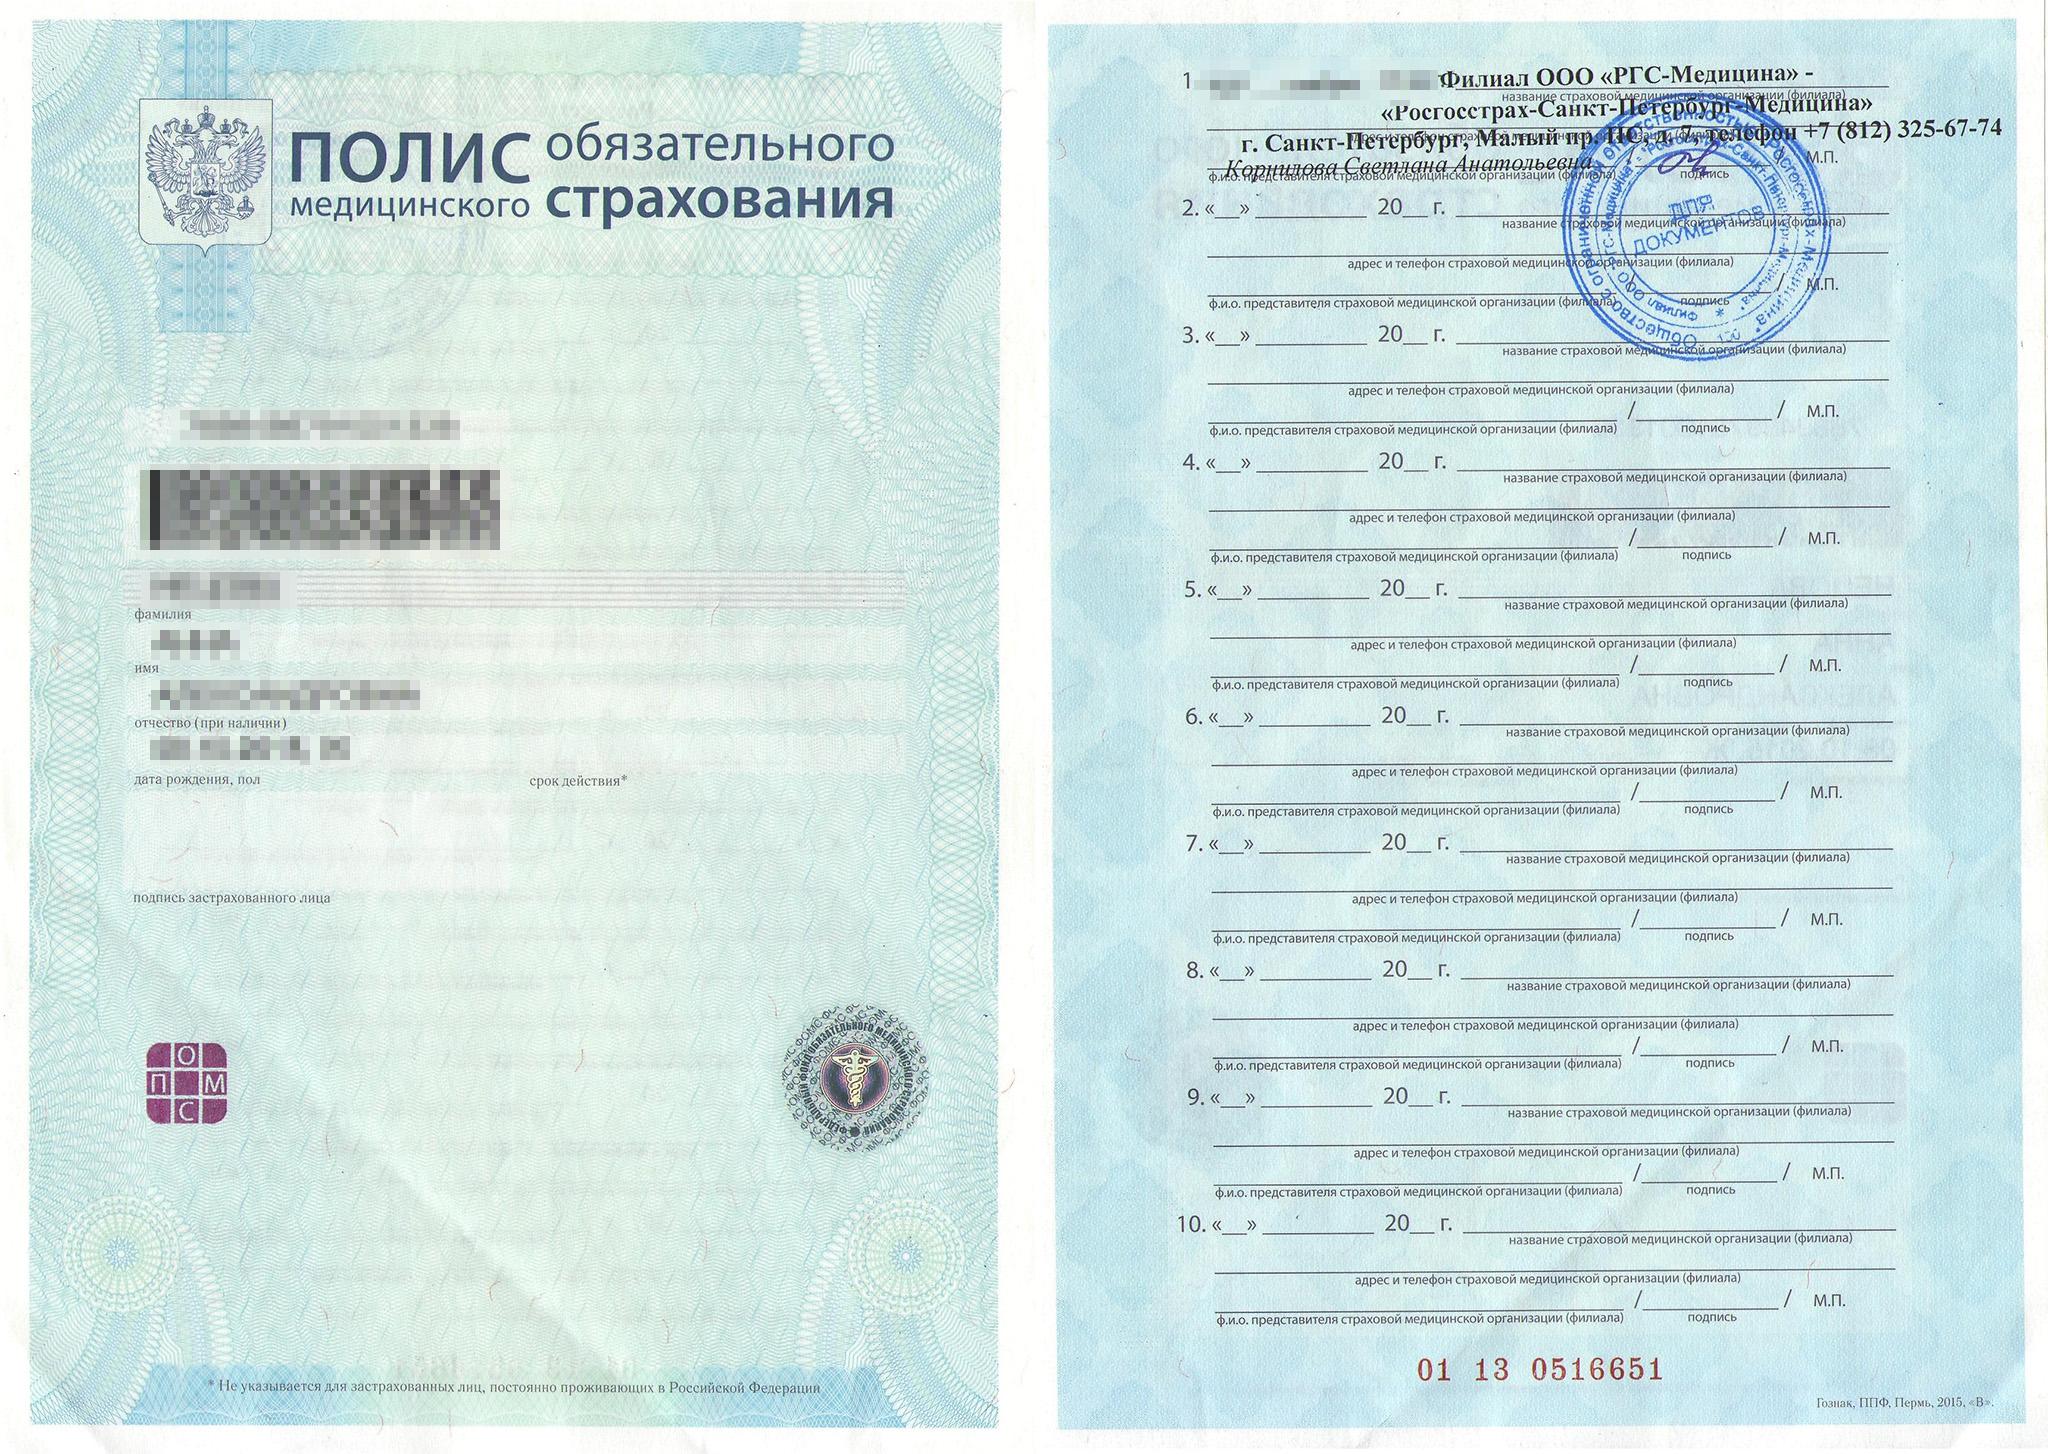 Образец полиса ОМС в форме бумажного бланка